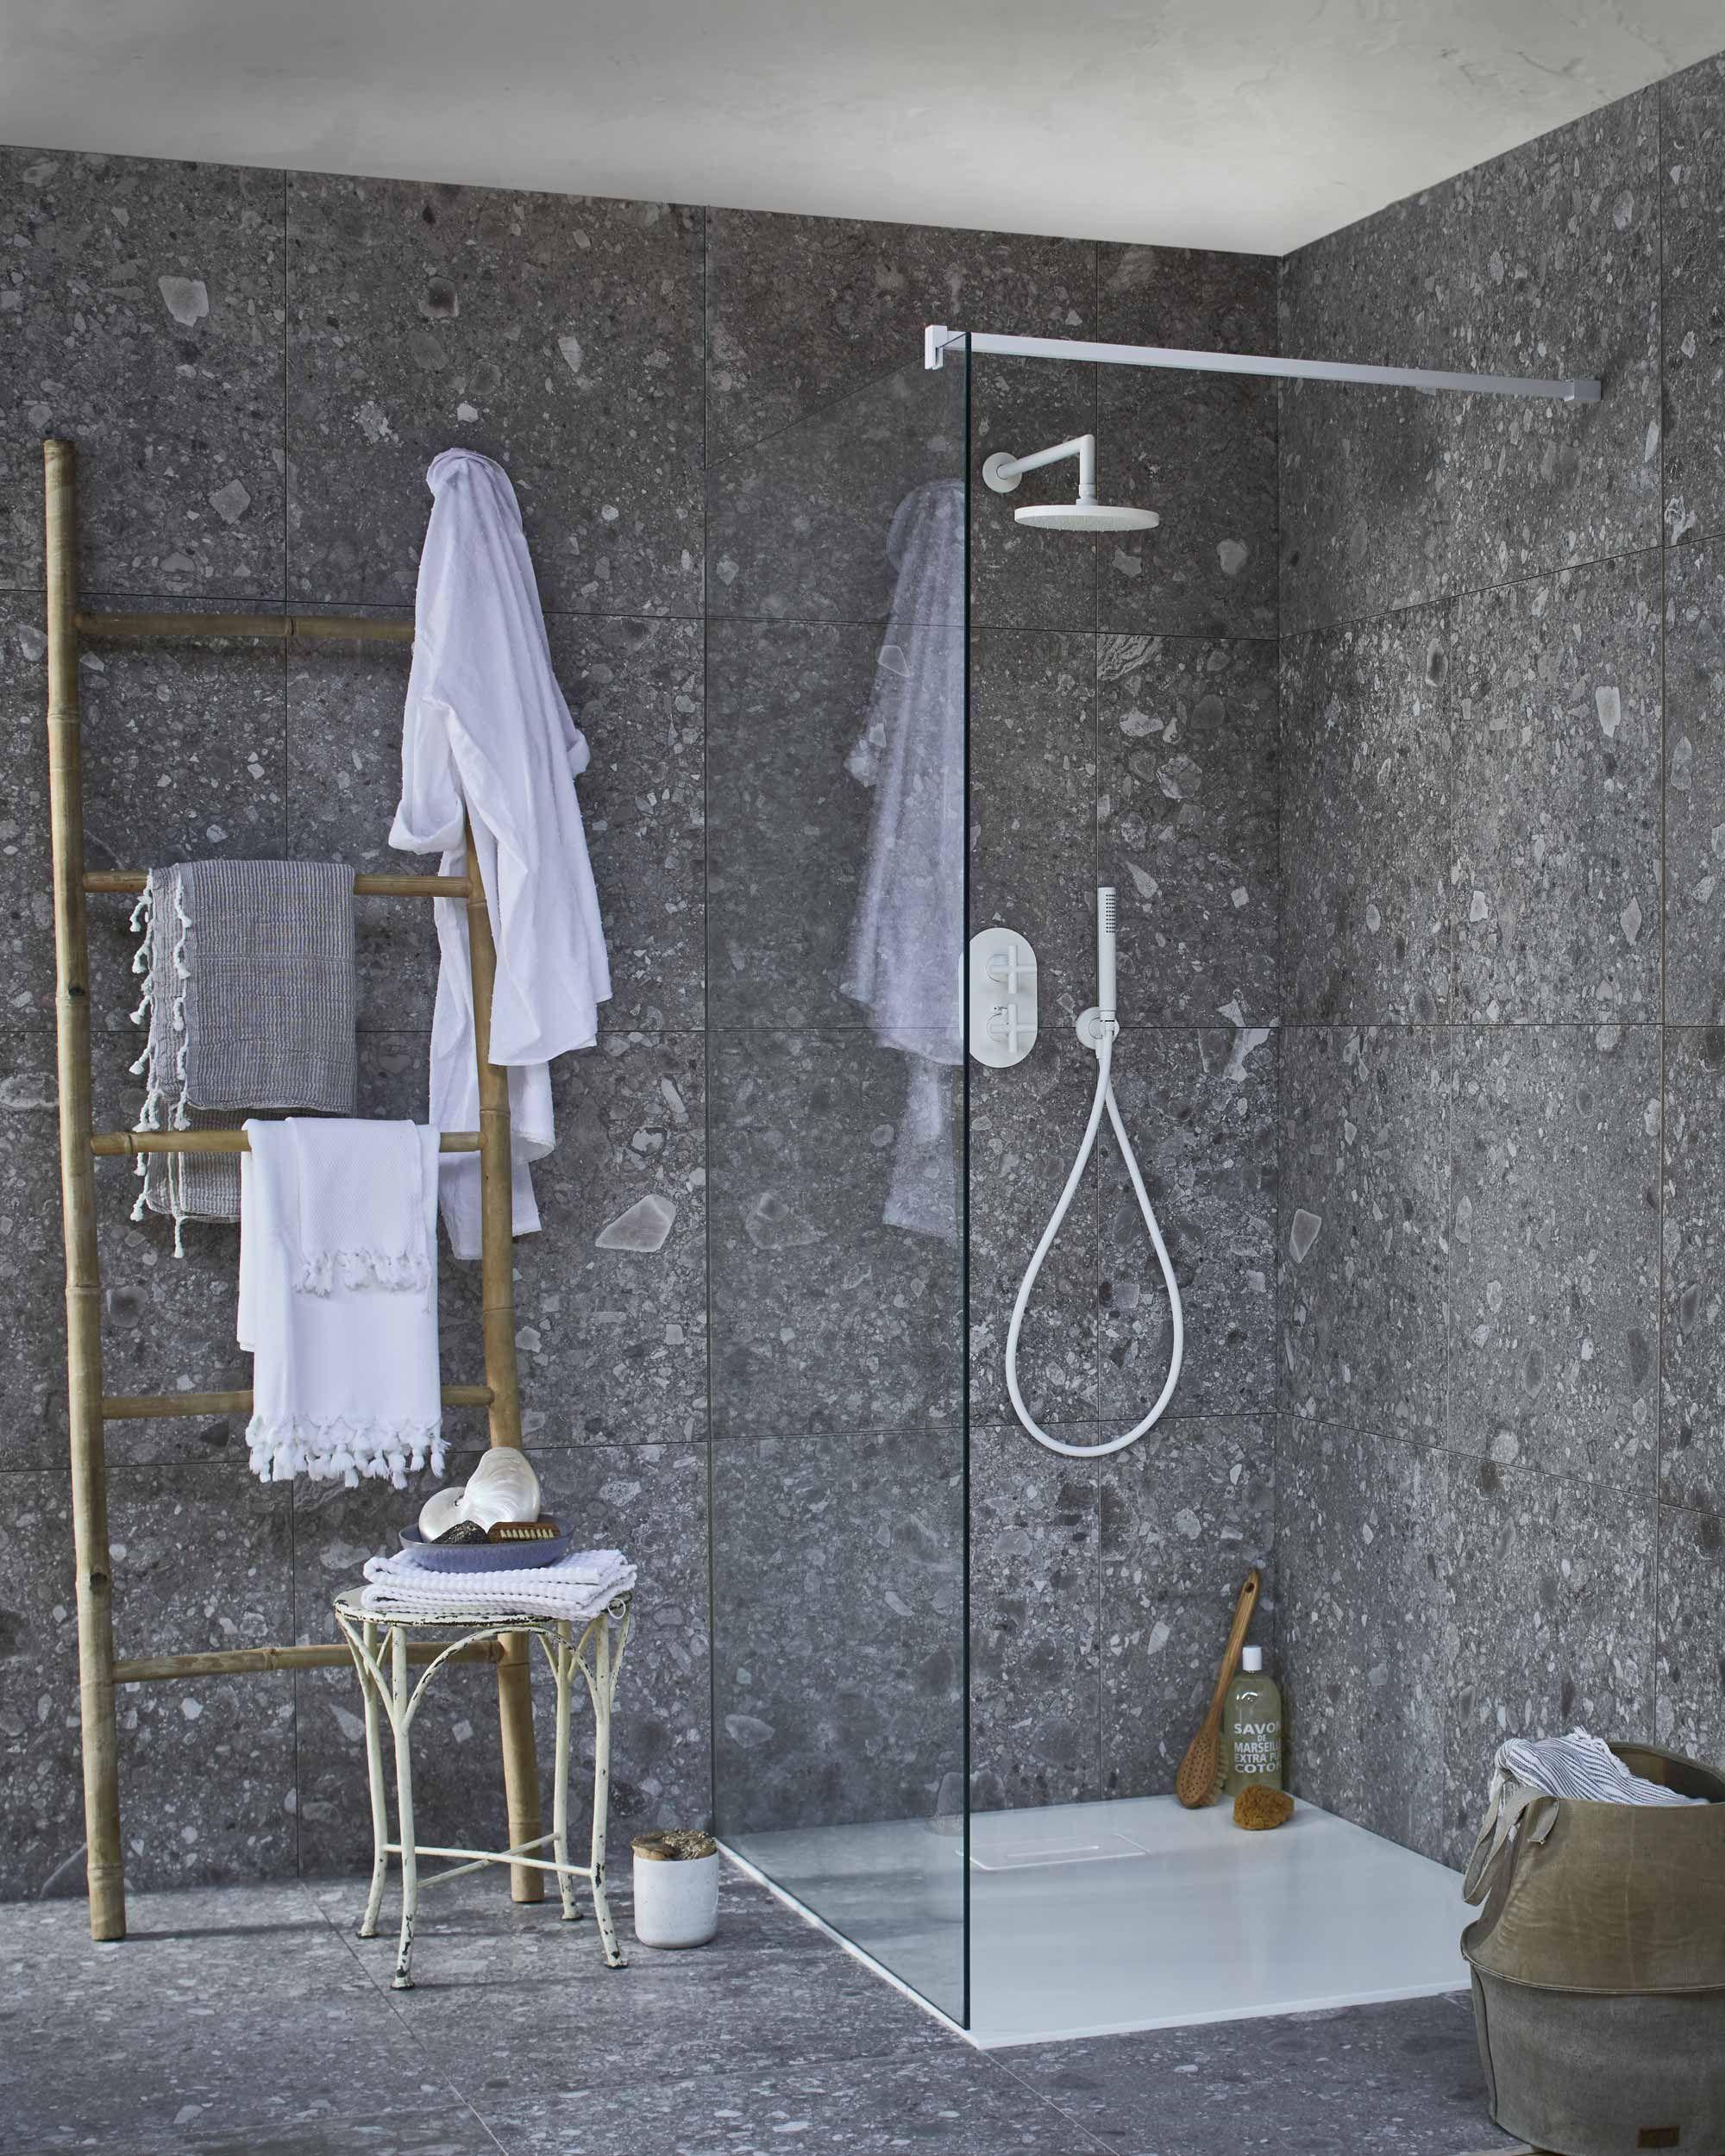 9 Ideeen Over Vt Wonen Badkamers Badkamer Prachtige Badkamers Tegel Badkamer